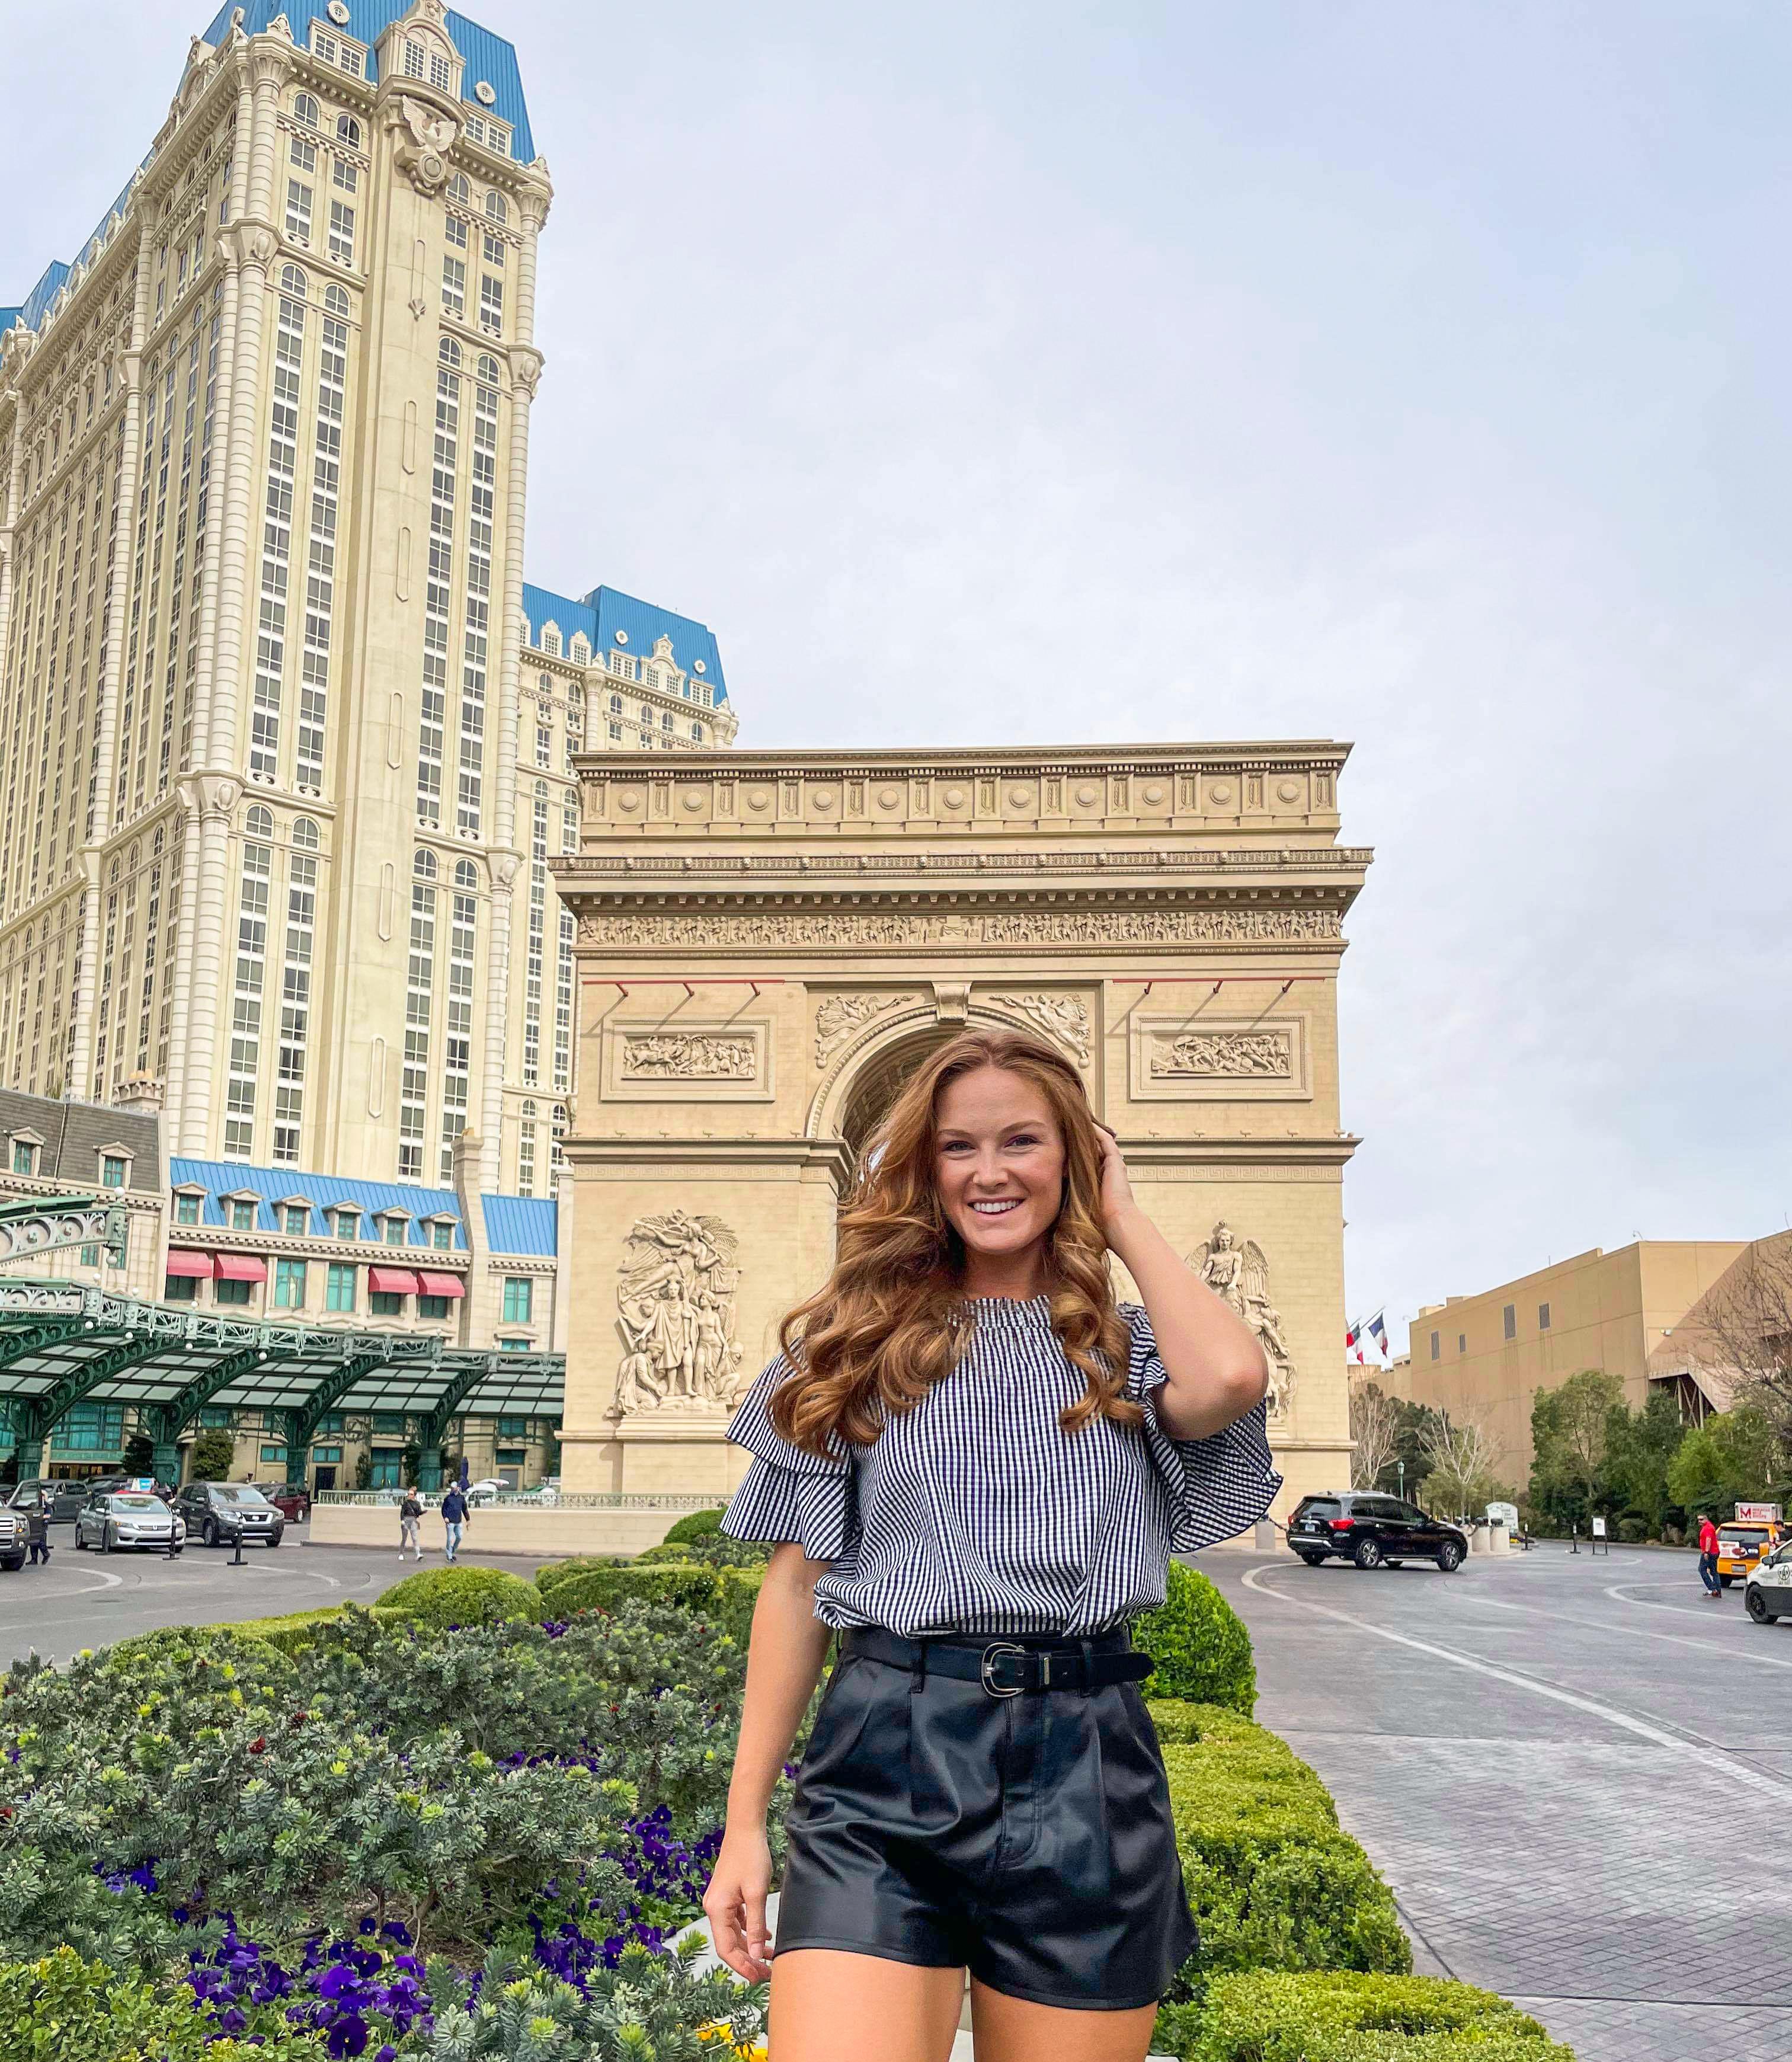 Paris Las Vegas Hotel and Las Vegas Outfit